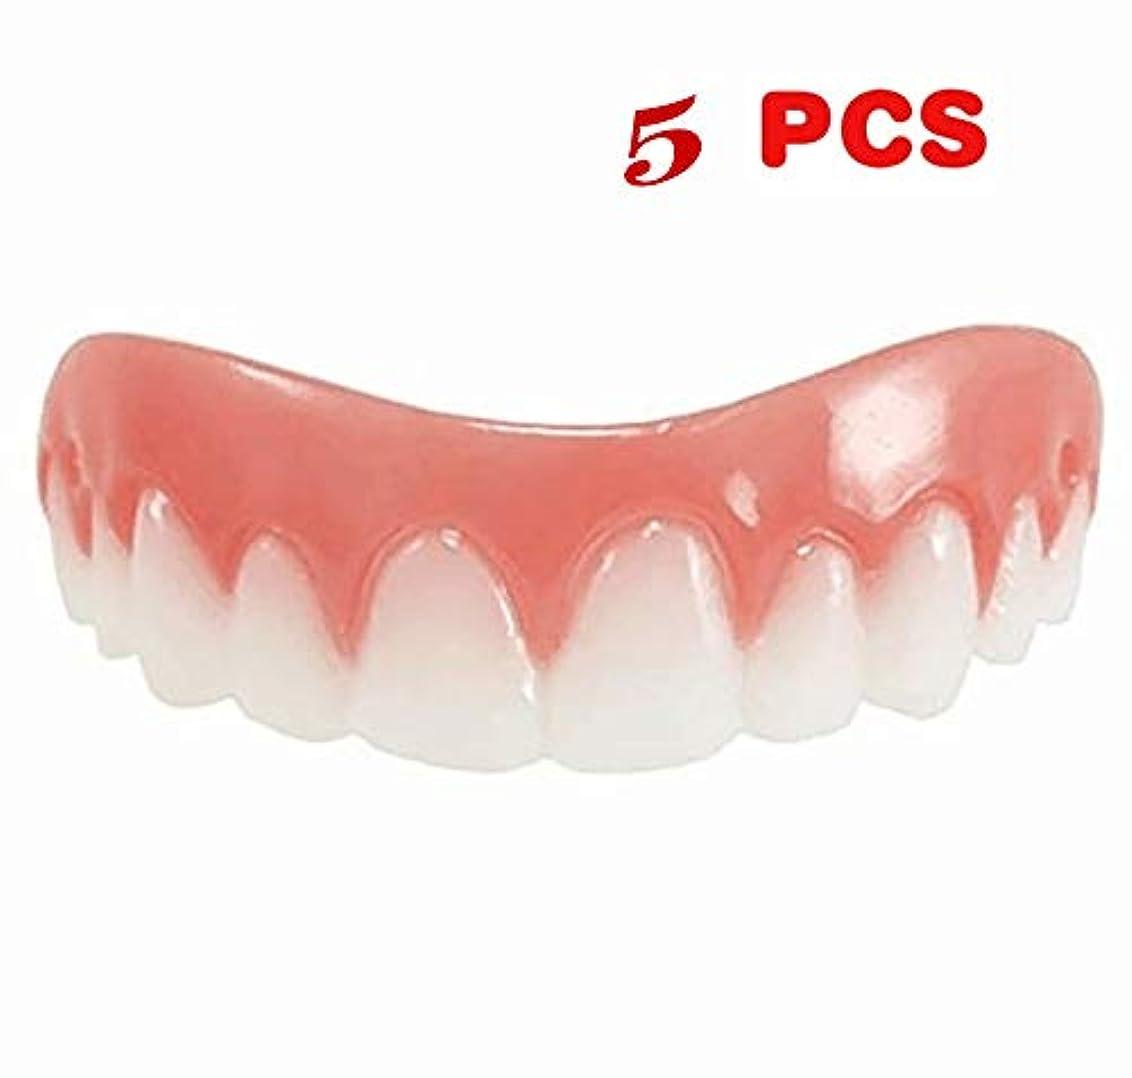 窒息させる建設ボイド5ピース新しい再利用可能な大人のスナップオンパーフェクトスマイルホワイトニング義歯フィットフレックス化粧品歯快適な突き板カバーデンタルケアアクセサリー